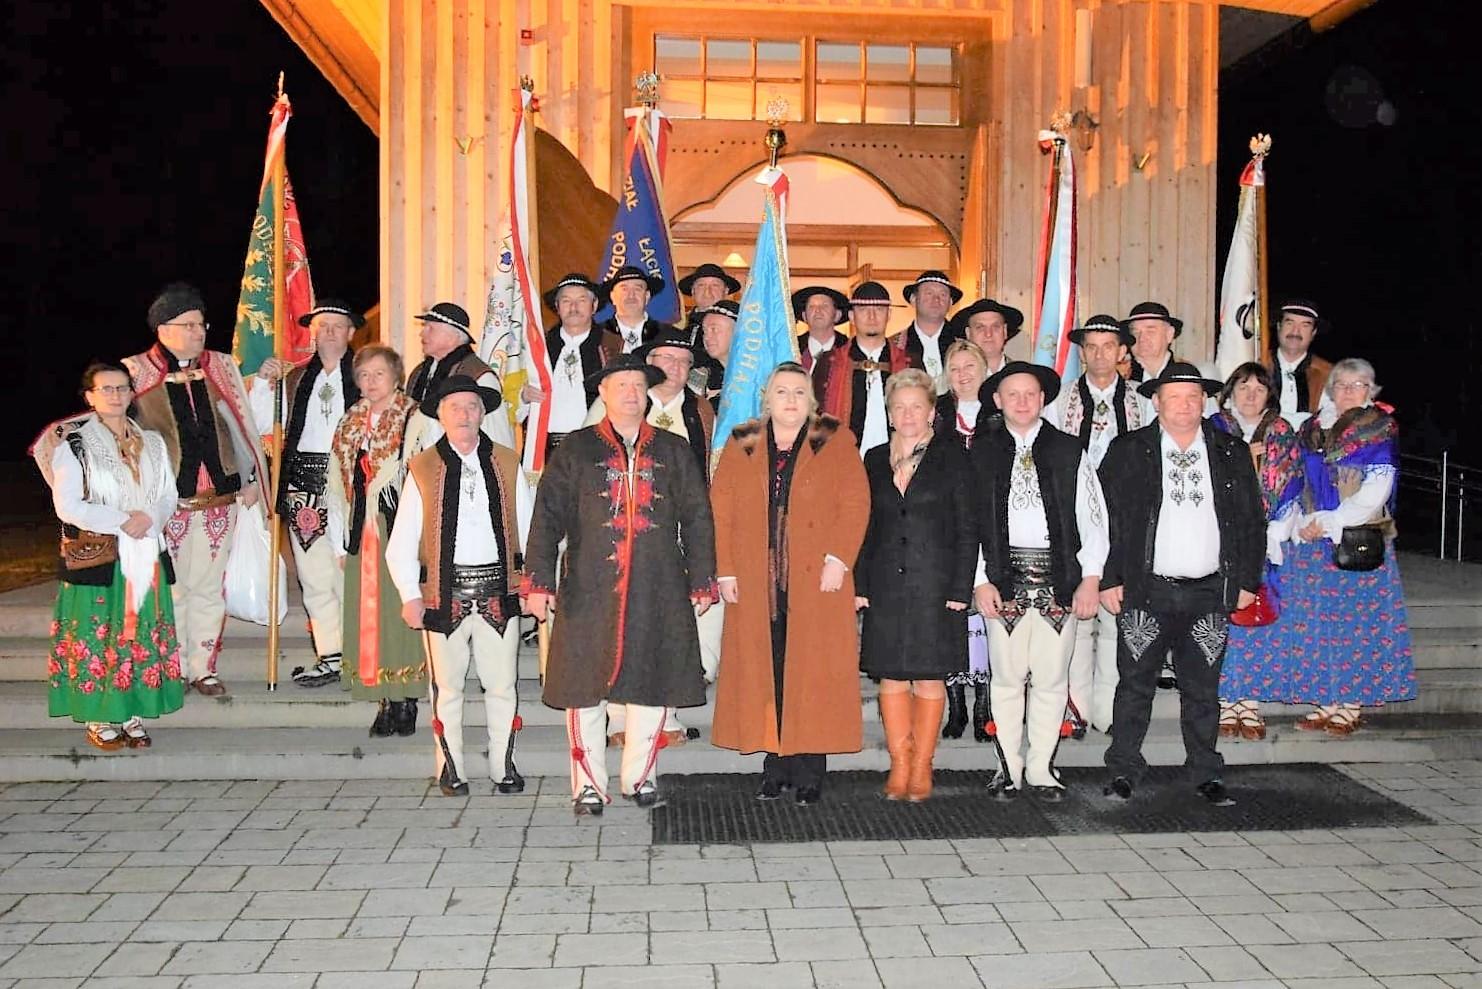 Delegacje Związków Podhalańskich,a atakze przedstawiciele Powiatu Limanowskiego Wicestarosta I Przewodnicząca Rady na wspólnym zdjęciu przed kościołem w Lubomierzu